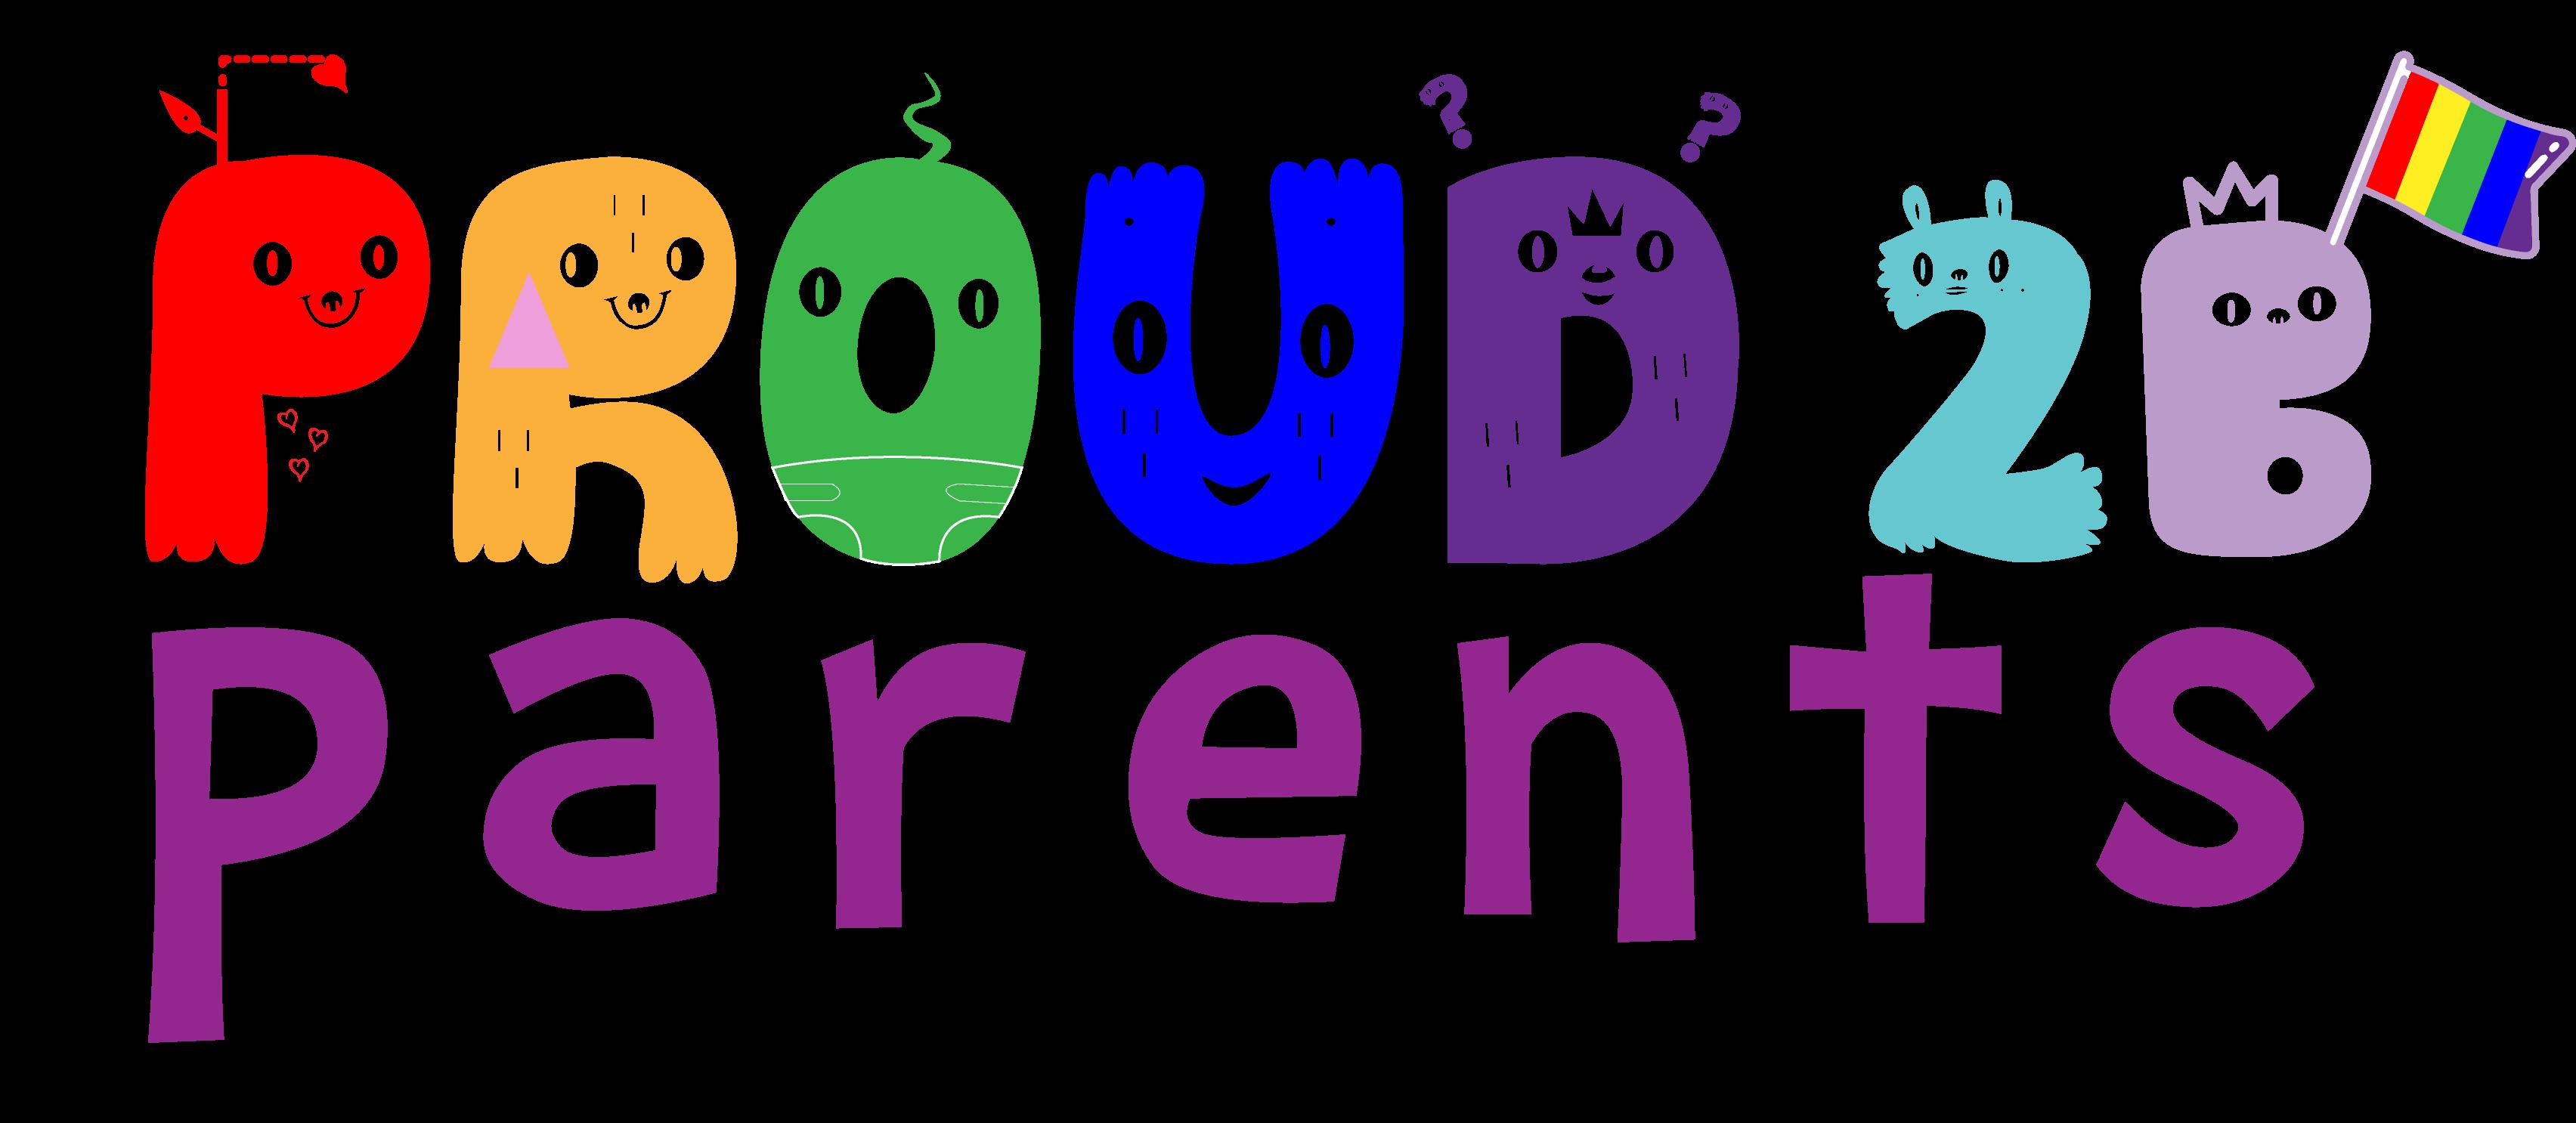 B parents lgbt consortium. Parent clipart proud parent